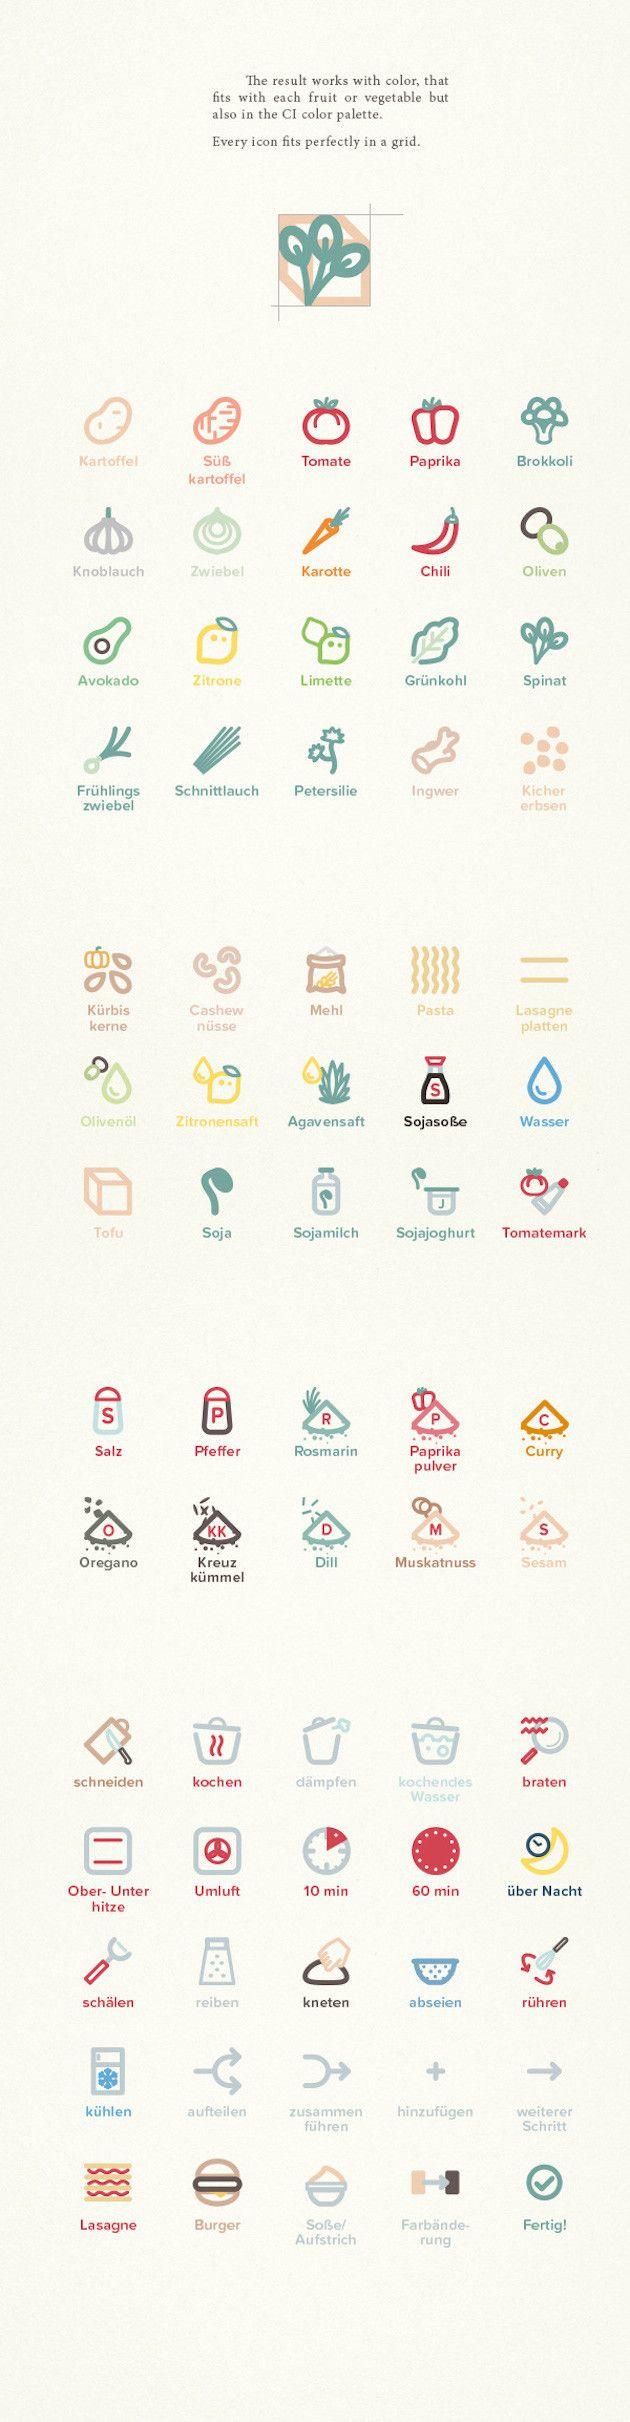 Speechless Cookbook – Ein Kochbuch ohne Text | KlonBlog